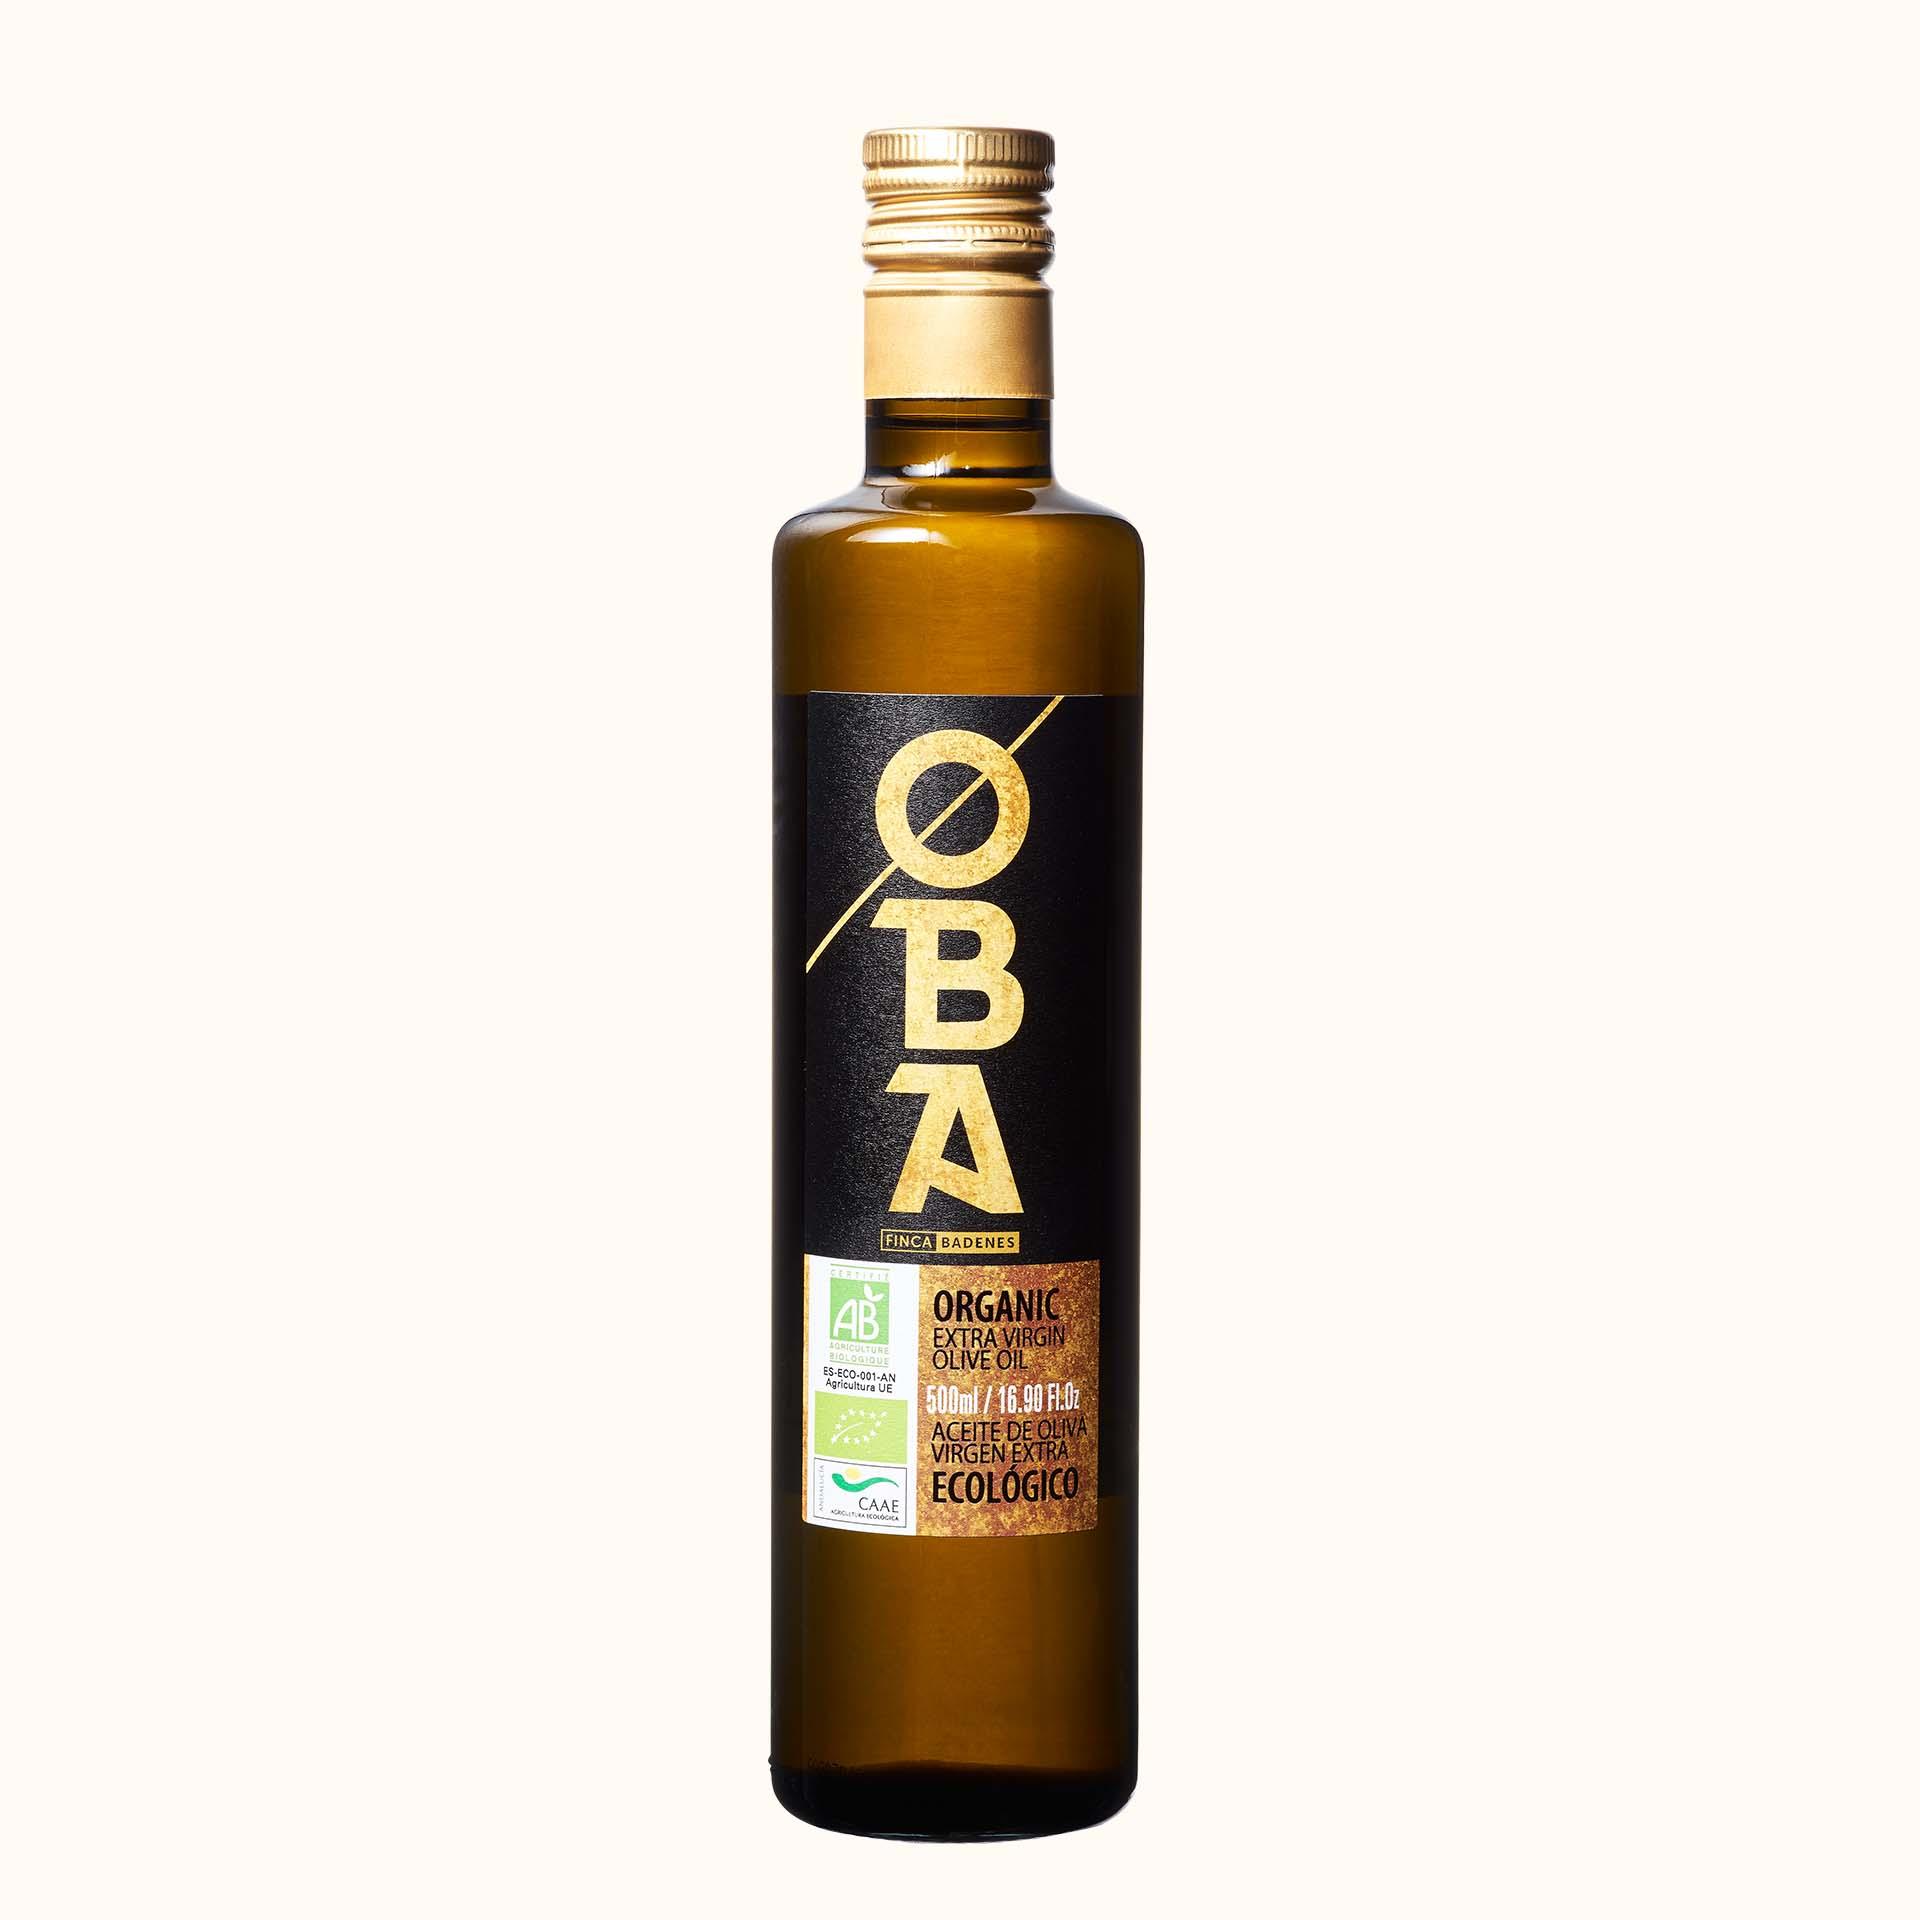 【瓶身瑕疵】OBA有機特級冷壓初榨橄欖油500ml(效期:20200401~20230331)